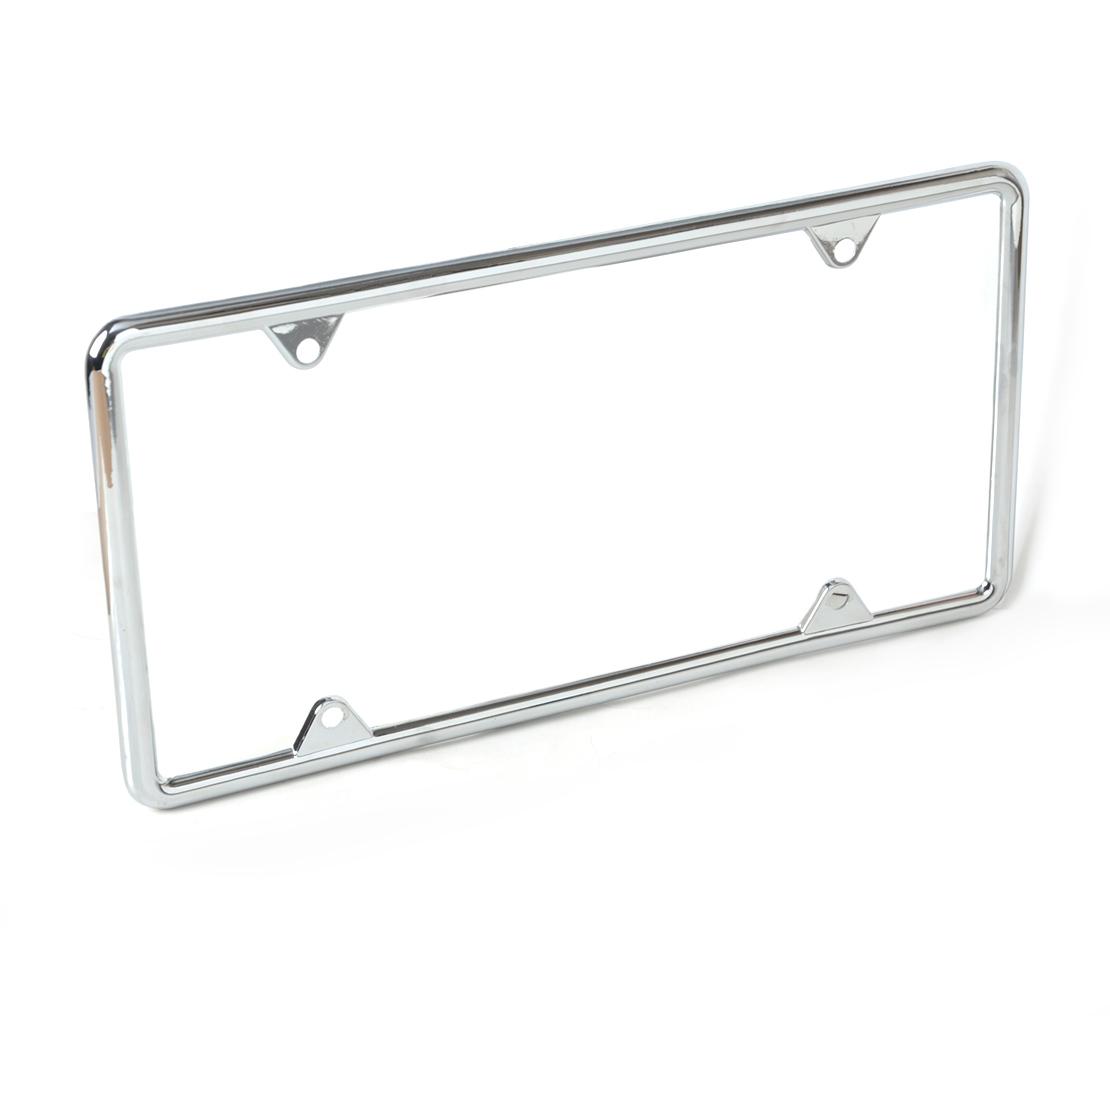 popular mercedes license plate frame buy cheap mercedes. Black Bedroom Furniture Sets. Home Design Ideas